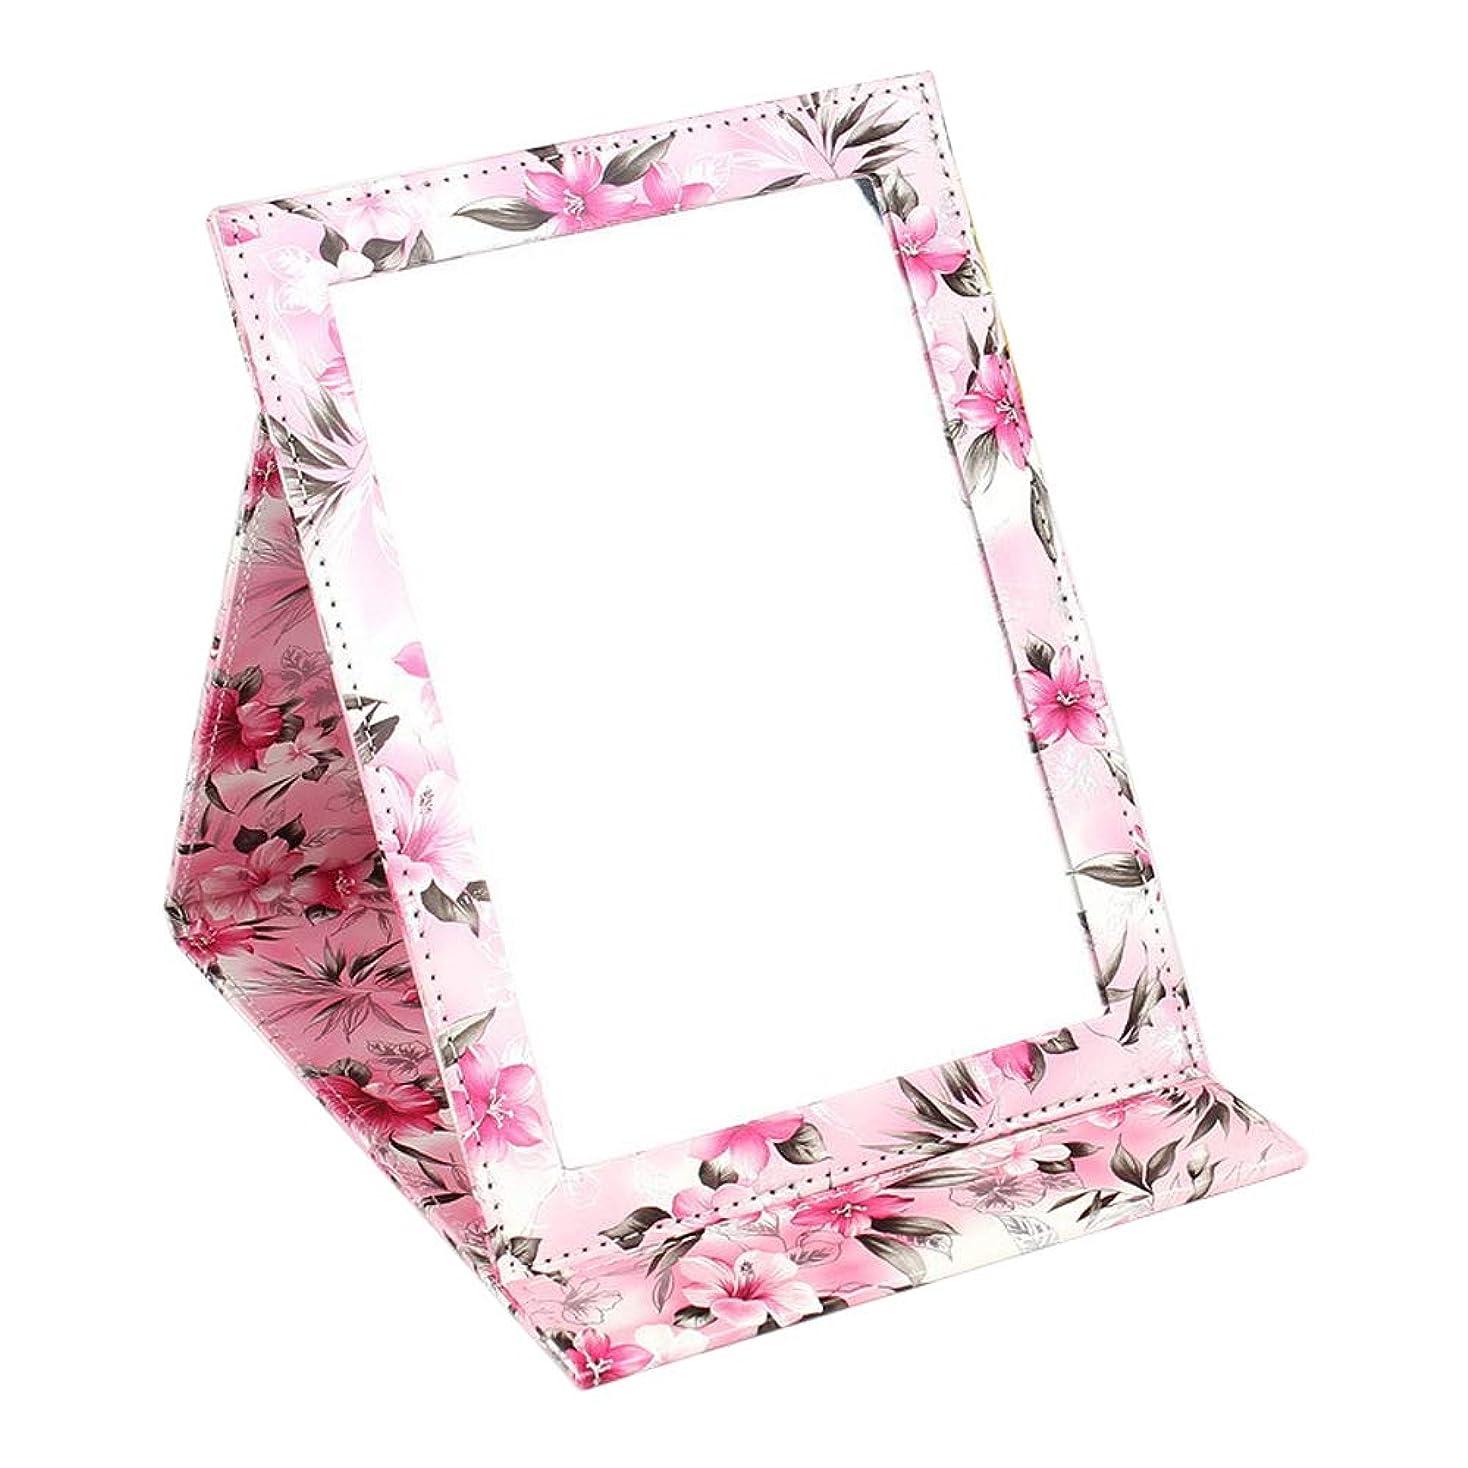 シャーロットブロンテこしょう大洪水YummyBuy 化粧ミラー 折りたたみ ミラー 鏡 卓上 化粧 化粧鏡 角度調整自由自在 上質PUレザー使用(クロコダイル?パターン、2サイズ) (大きなサイズ, ハッピーカラー)